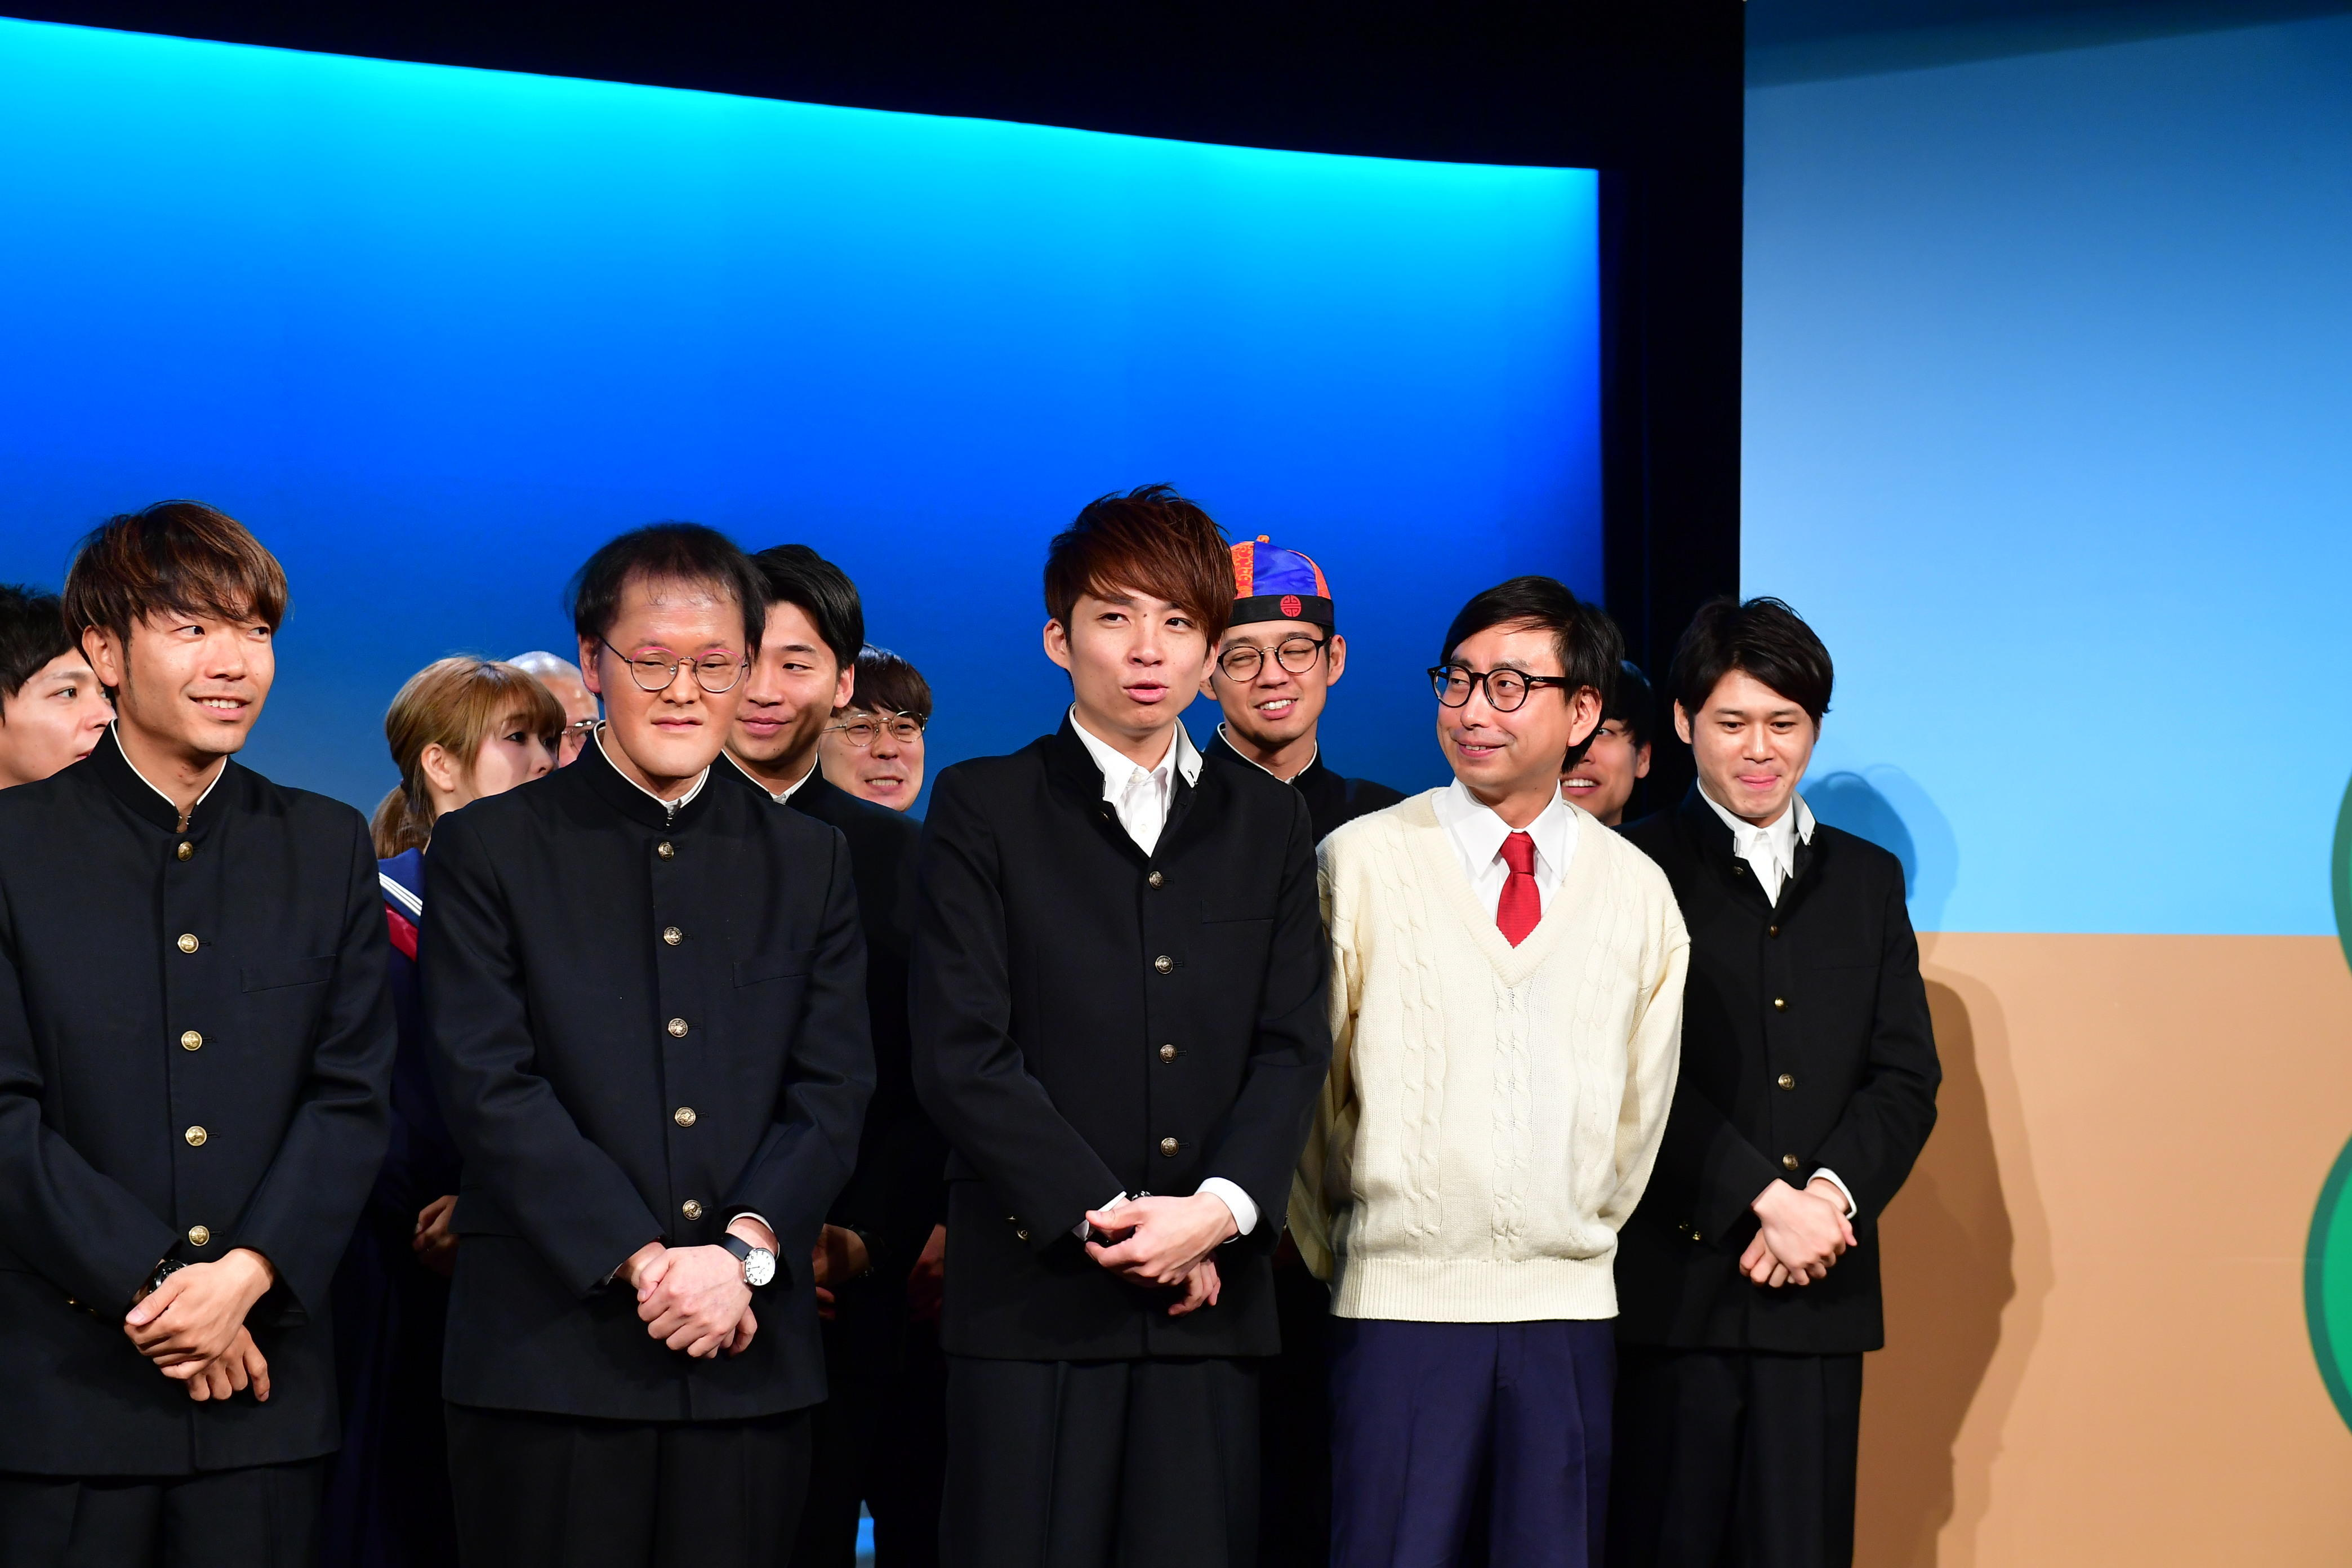 http://news.yoshimoto.co.jp/20181220085916-111f450b0399d5fa12e0a736899e003b411fc93a.jpg